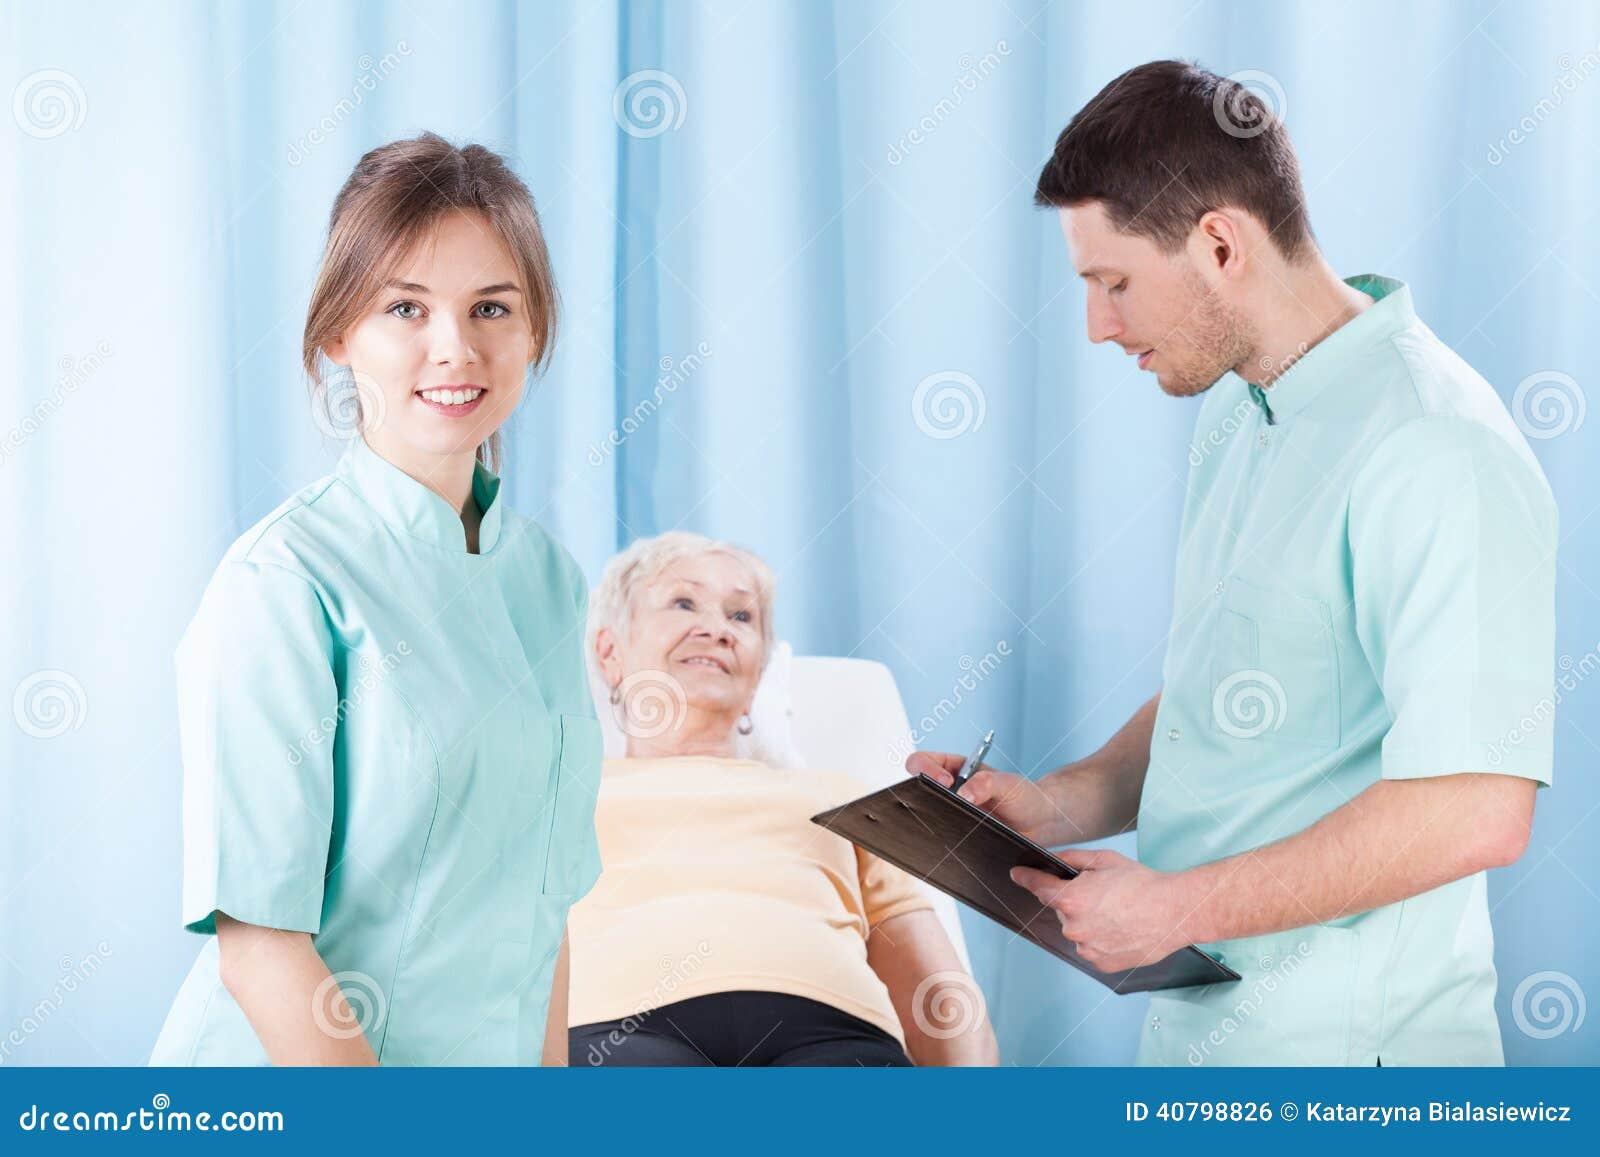 做身体检查的治疗师